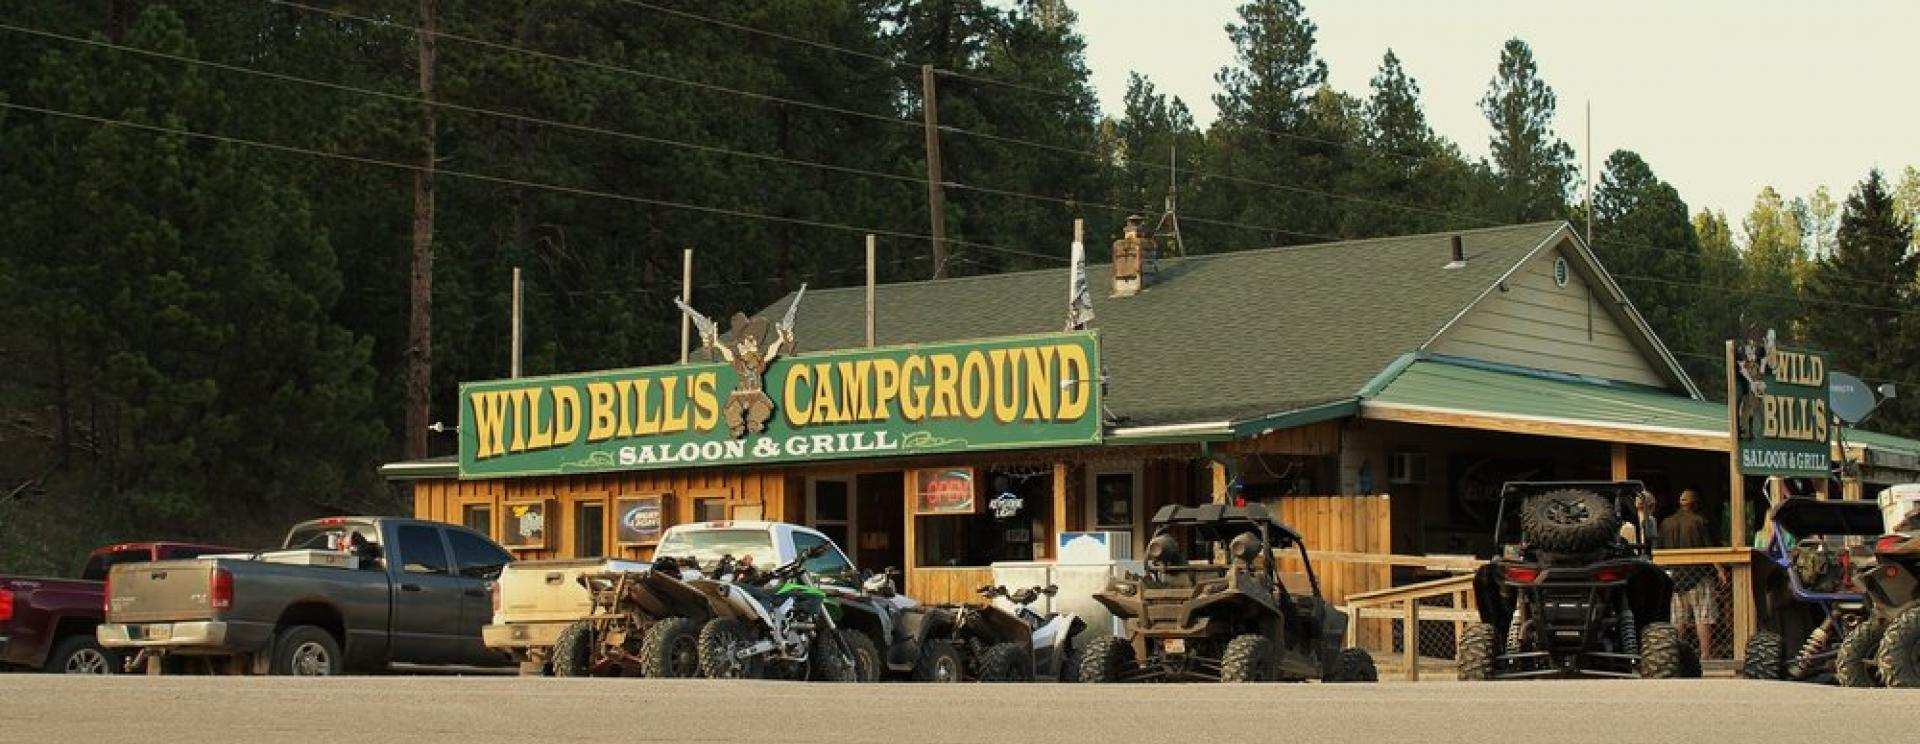 Wild Bill's Campground